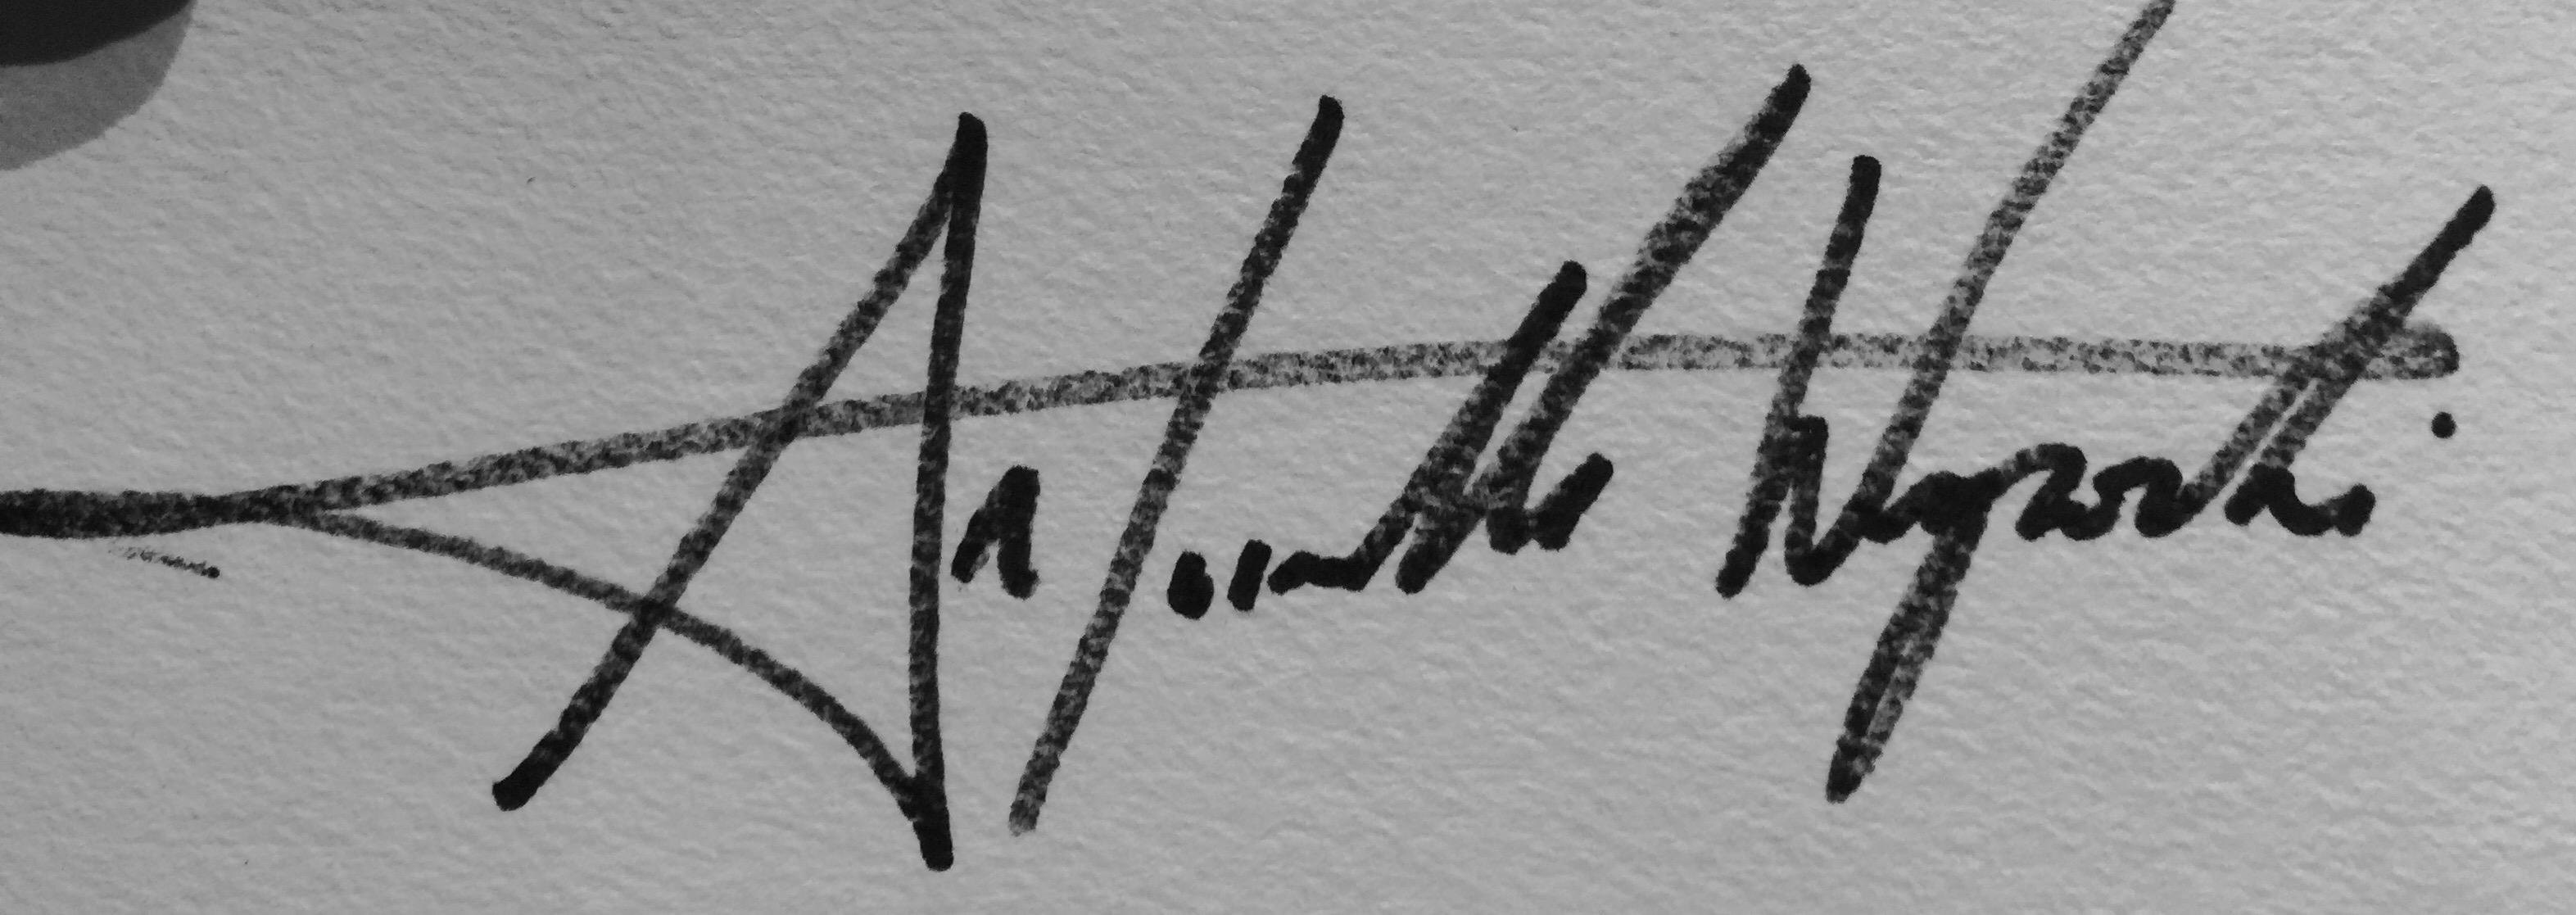 Antoinette wysocki's Signature